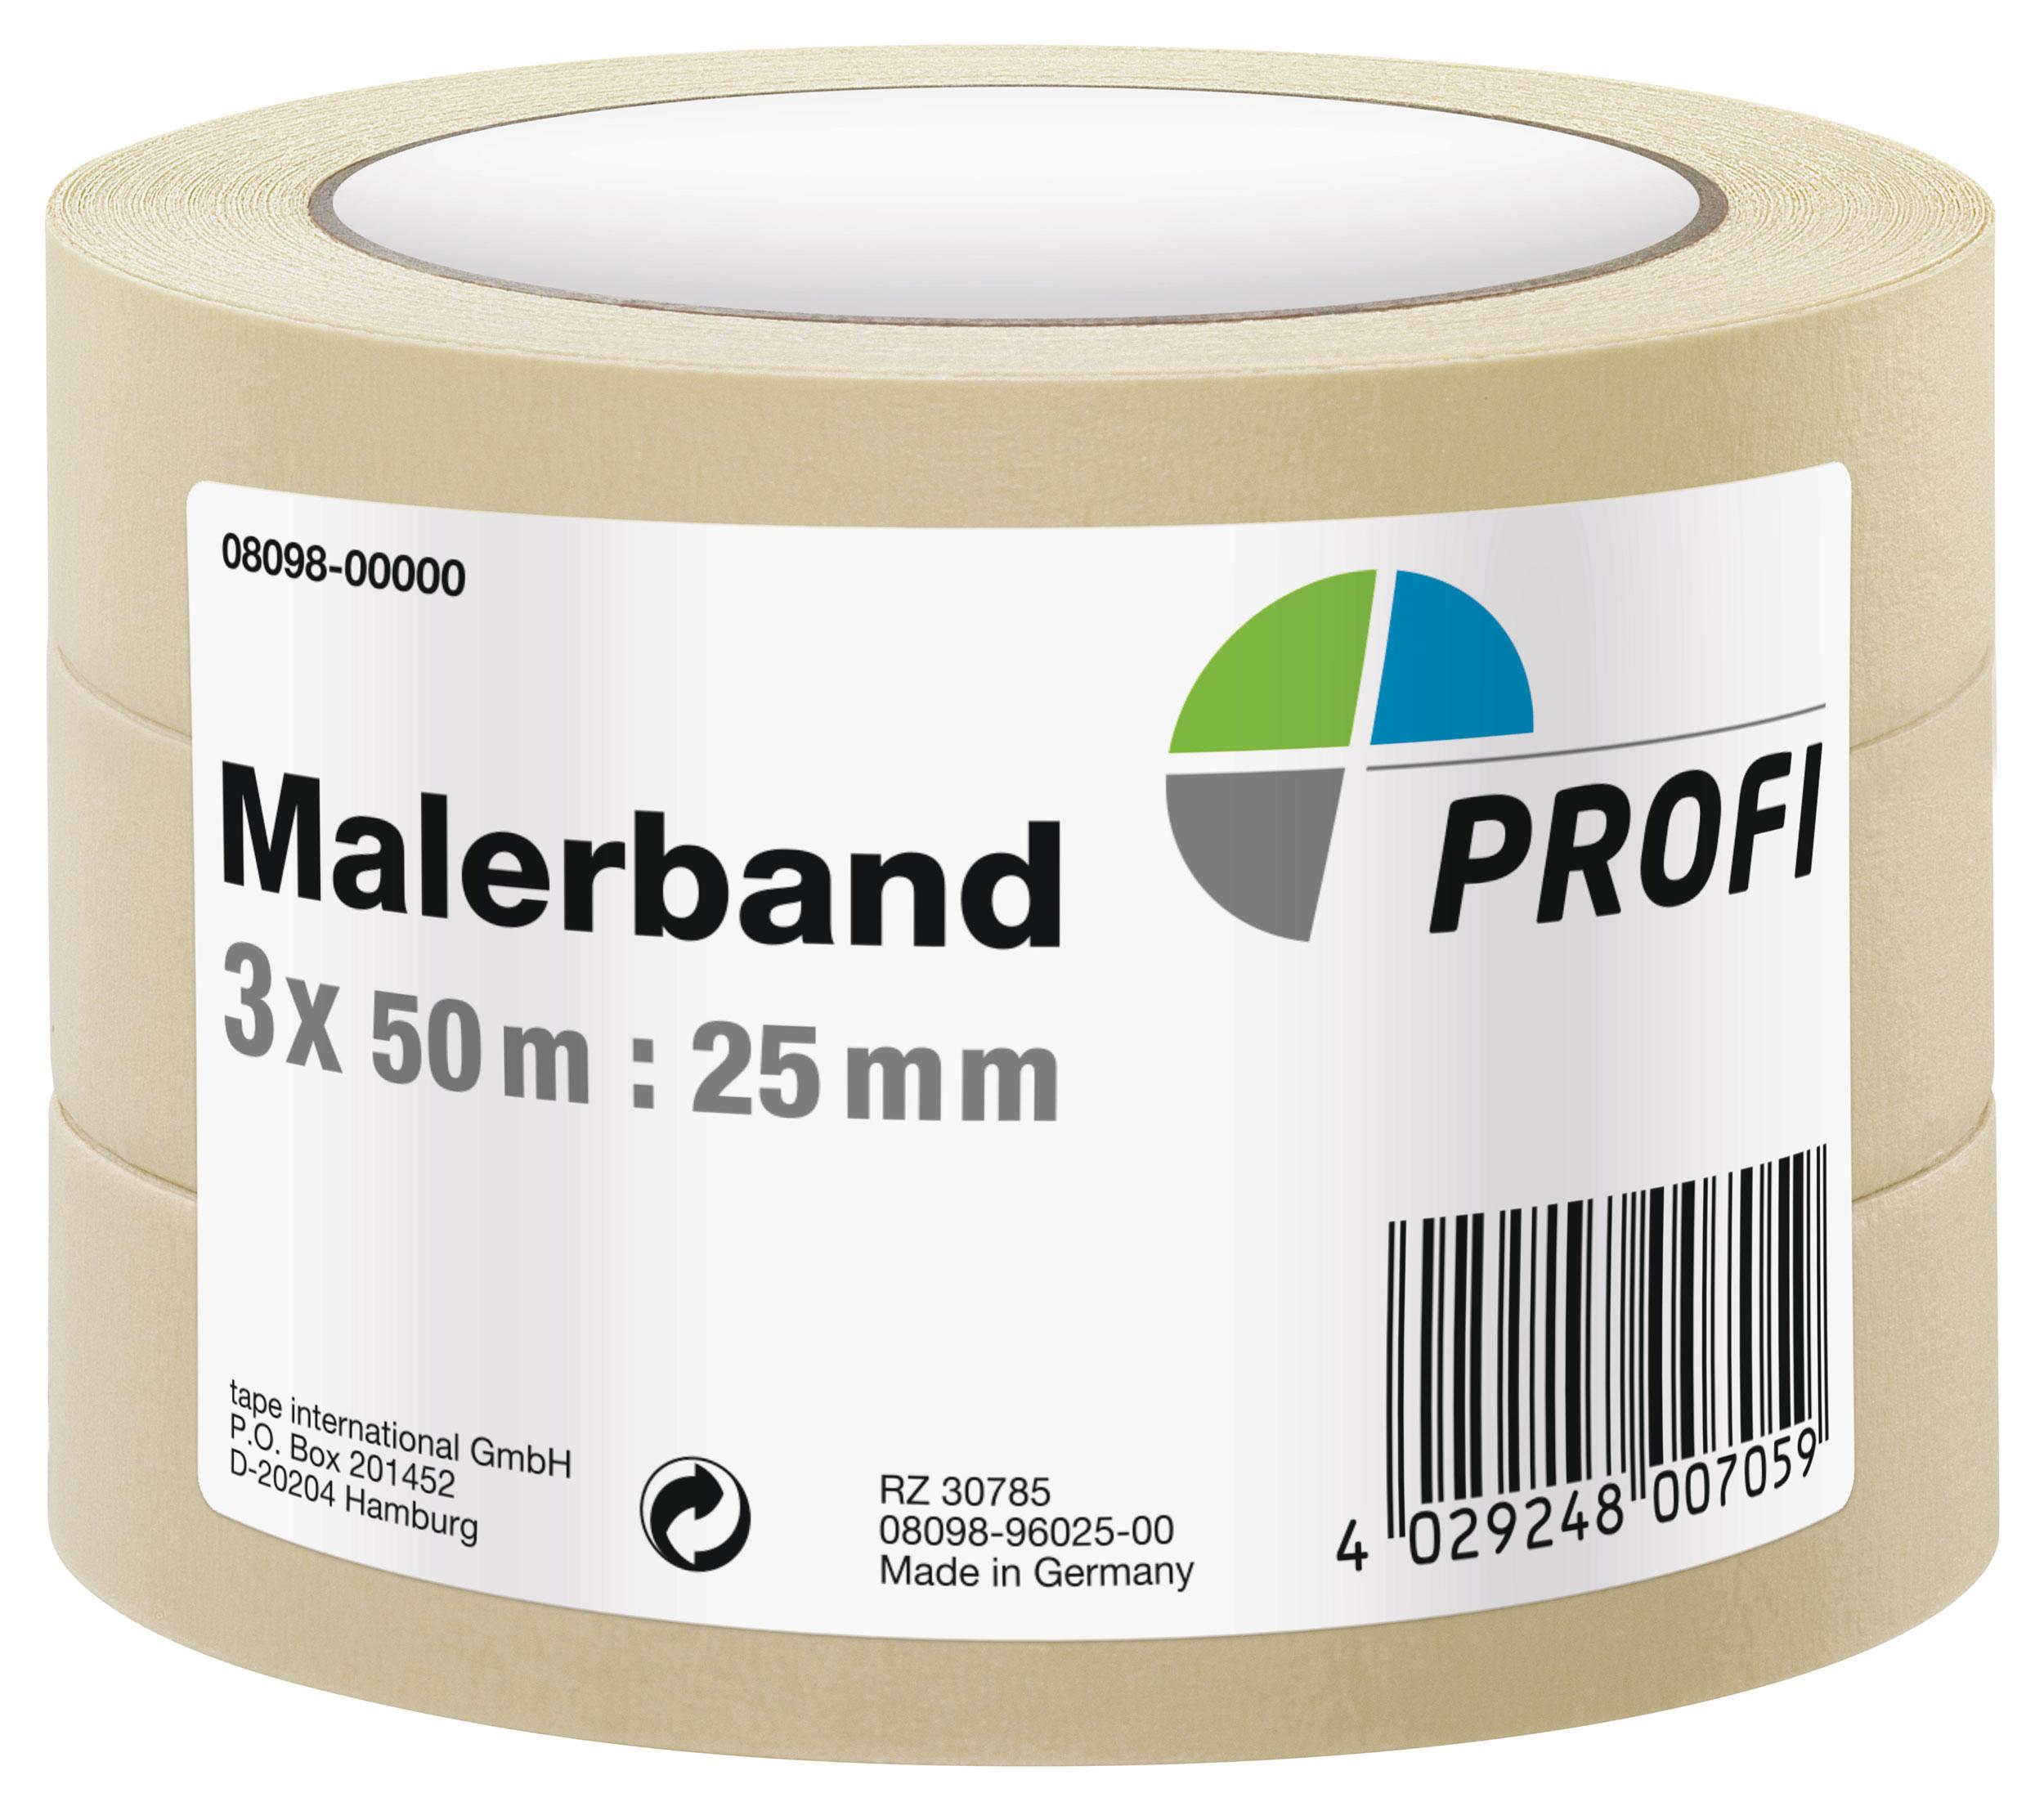 PROFI Malerband / Malerkrepp 50mx25mm 3 Stück Bild 1